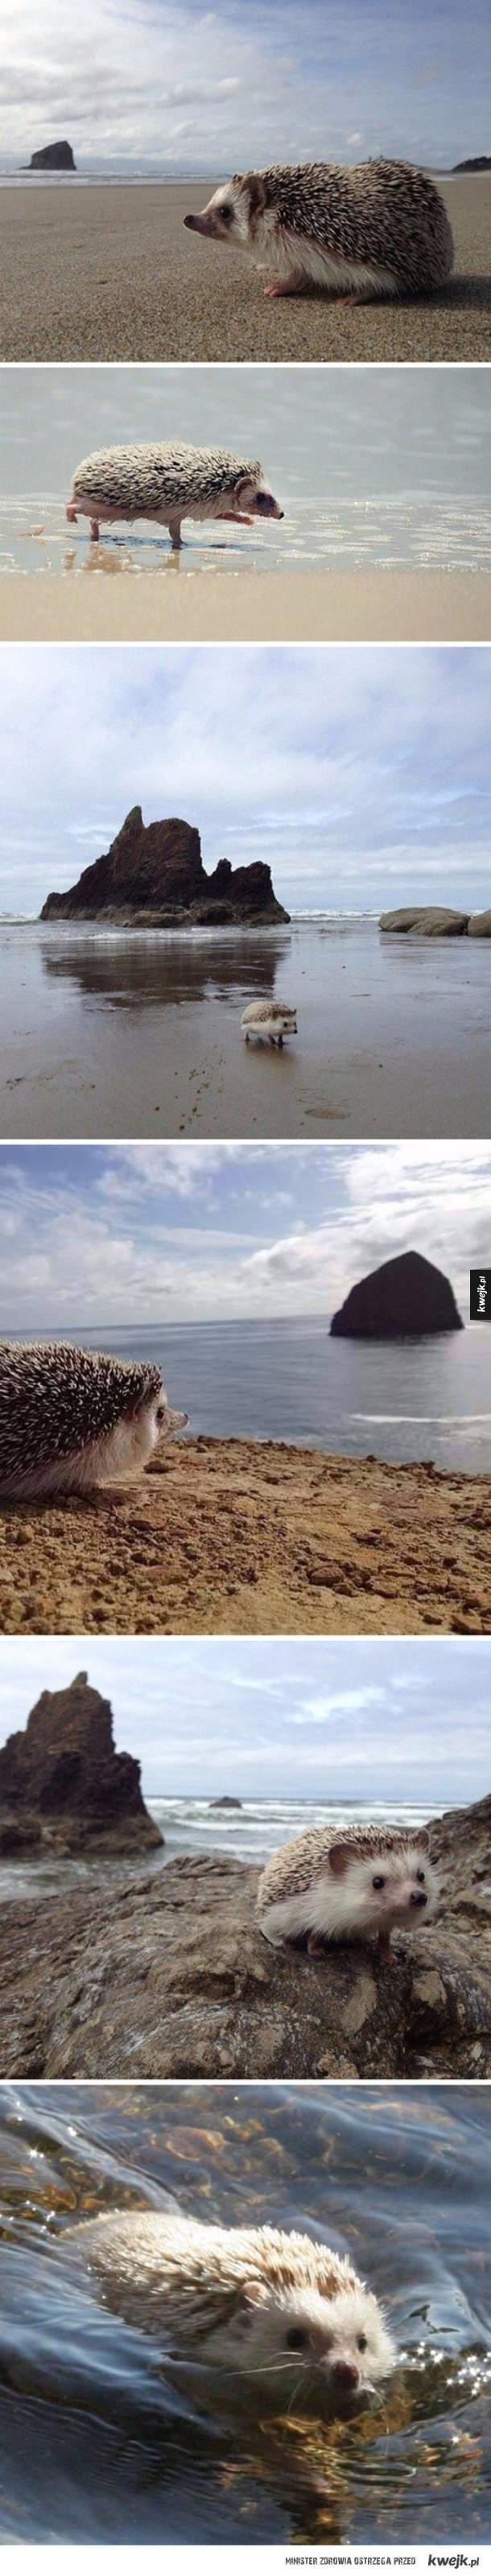 Jeż nad morzem